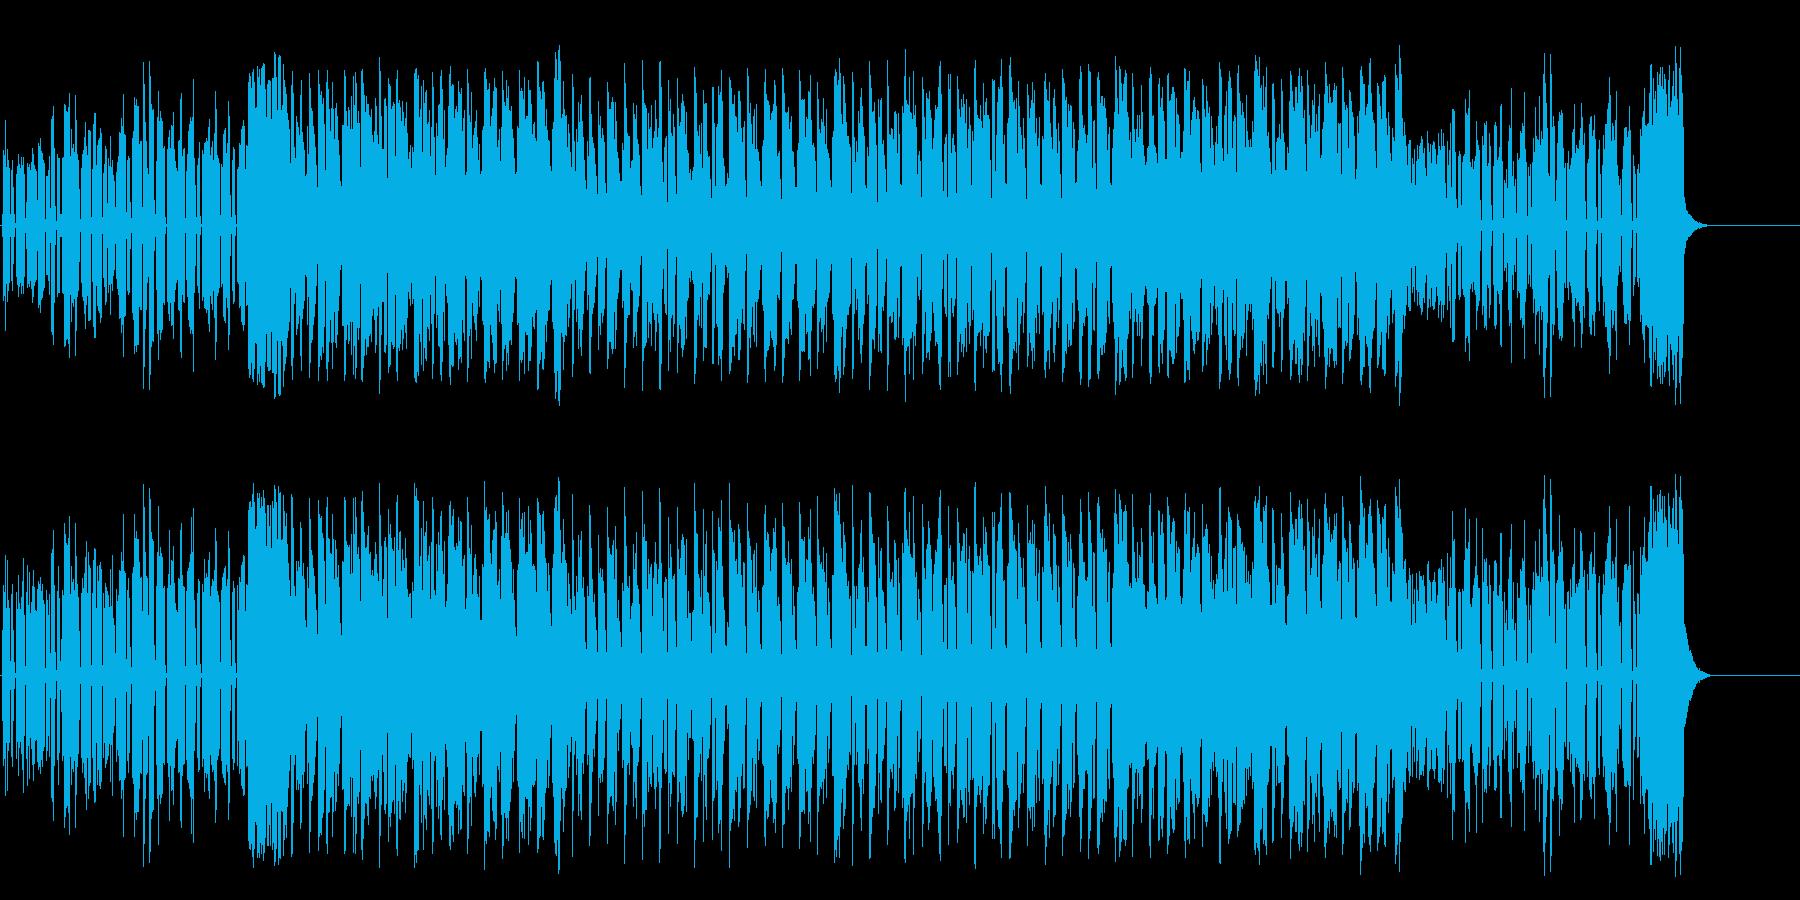 闇を徘徊するマイナーテクノポップの再生済みの波形